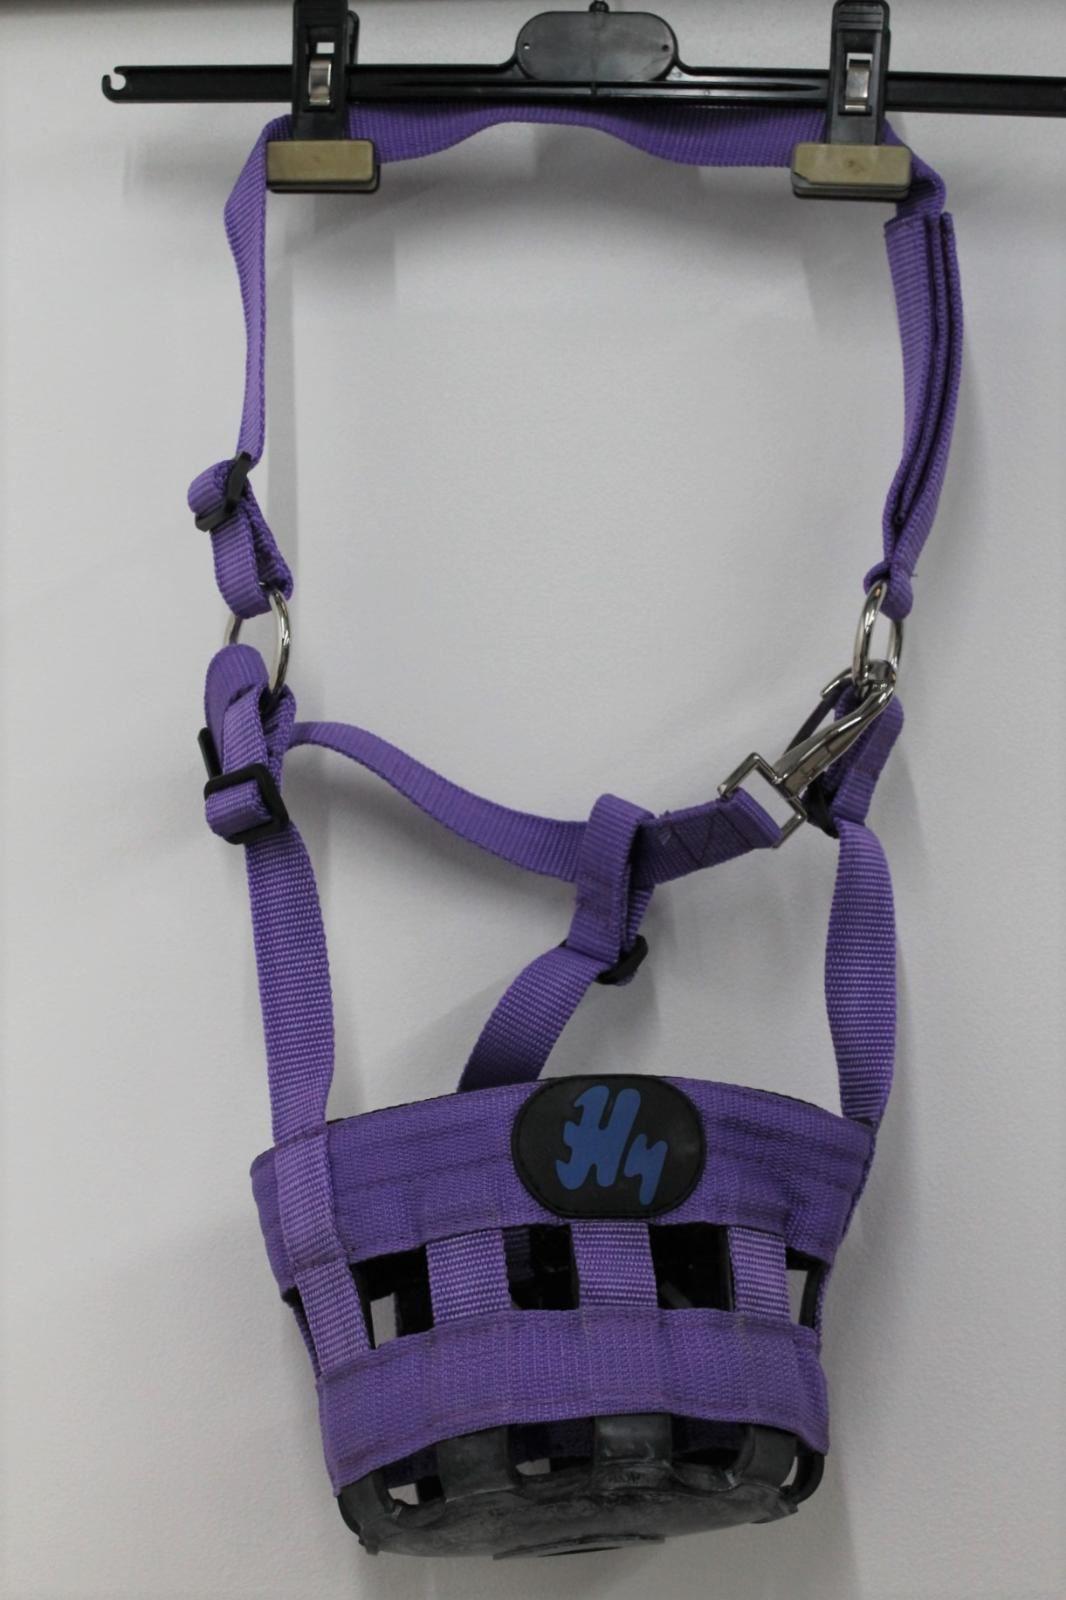 Nouveau-HY-Violet-Poney-Taille-Nylon-cheval-paturage-museau-Bandeau-Masque-code-0643